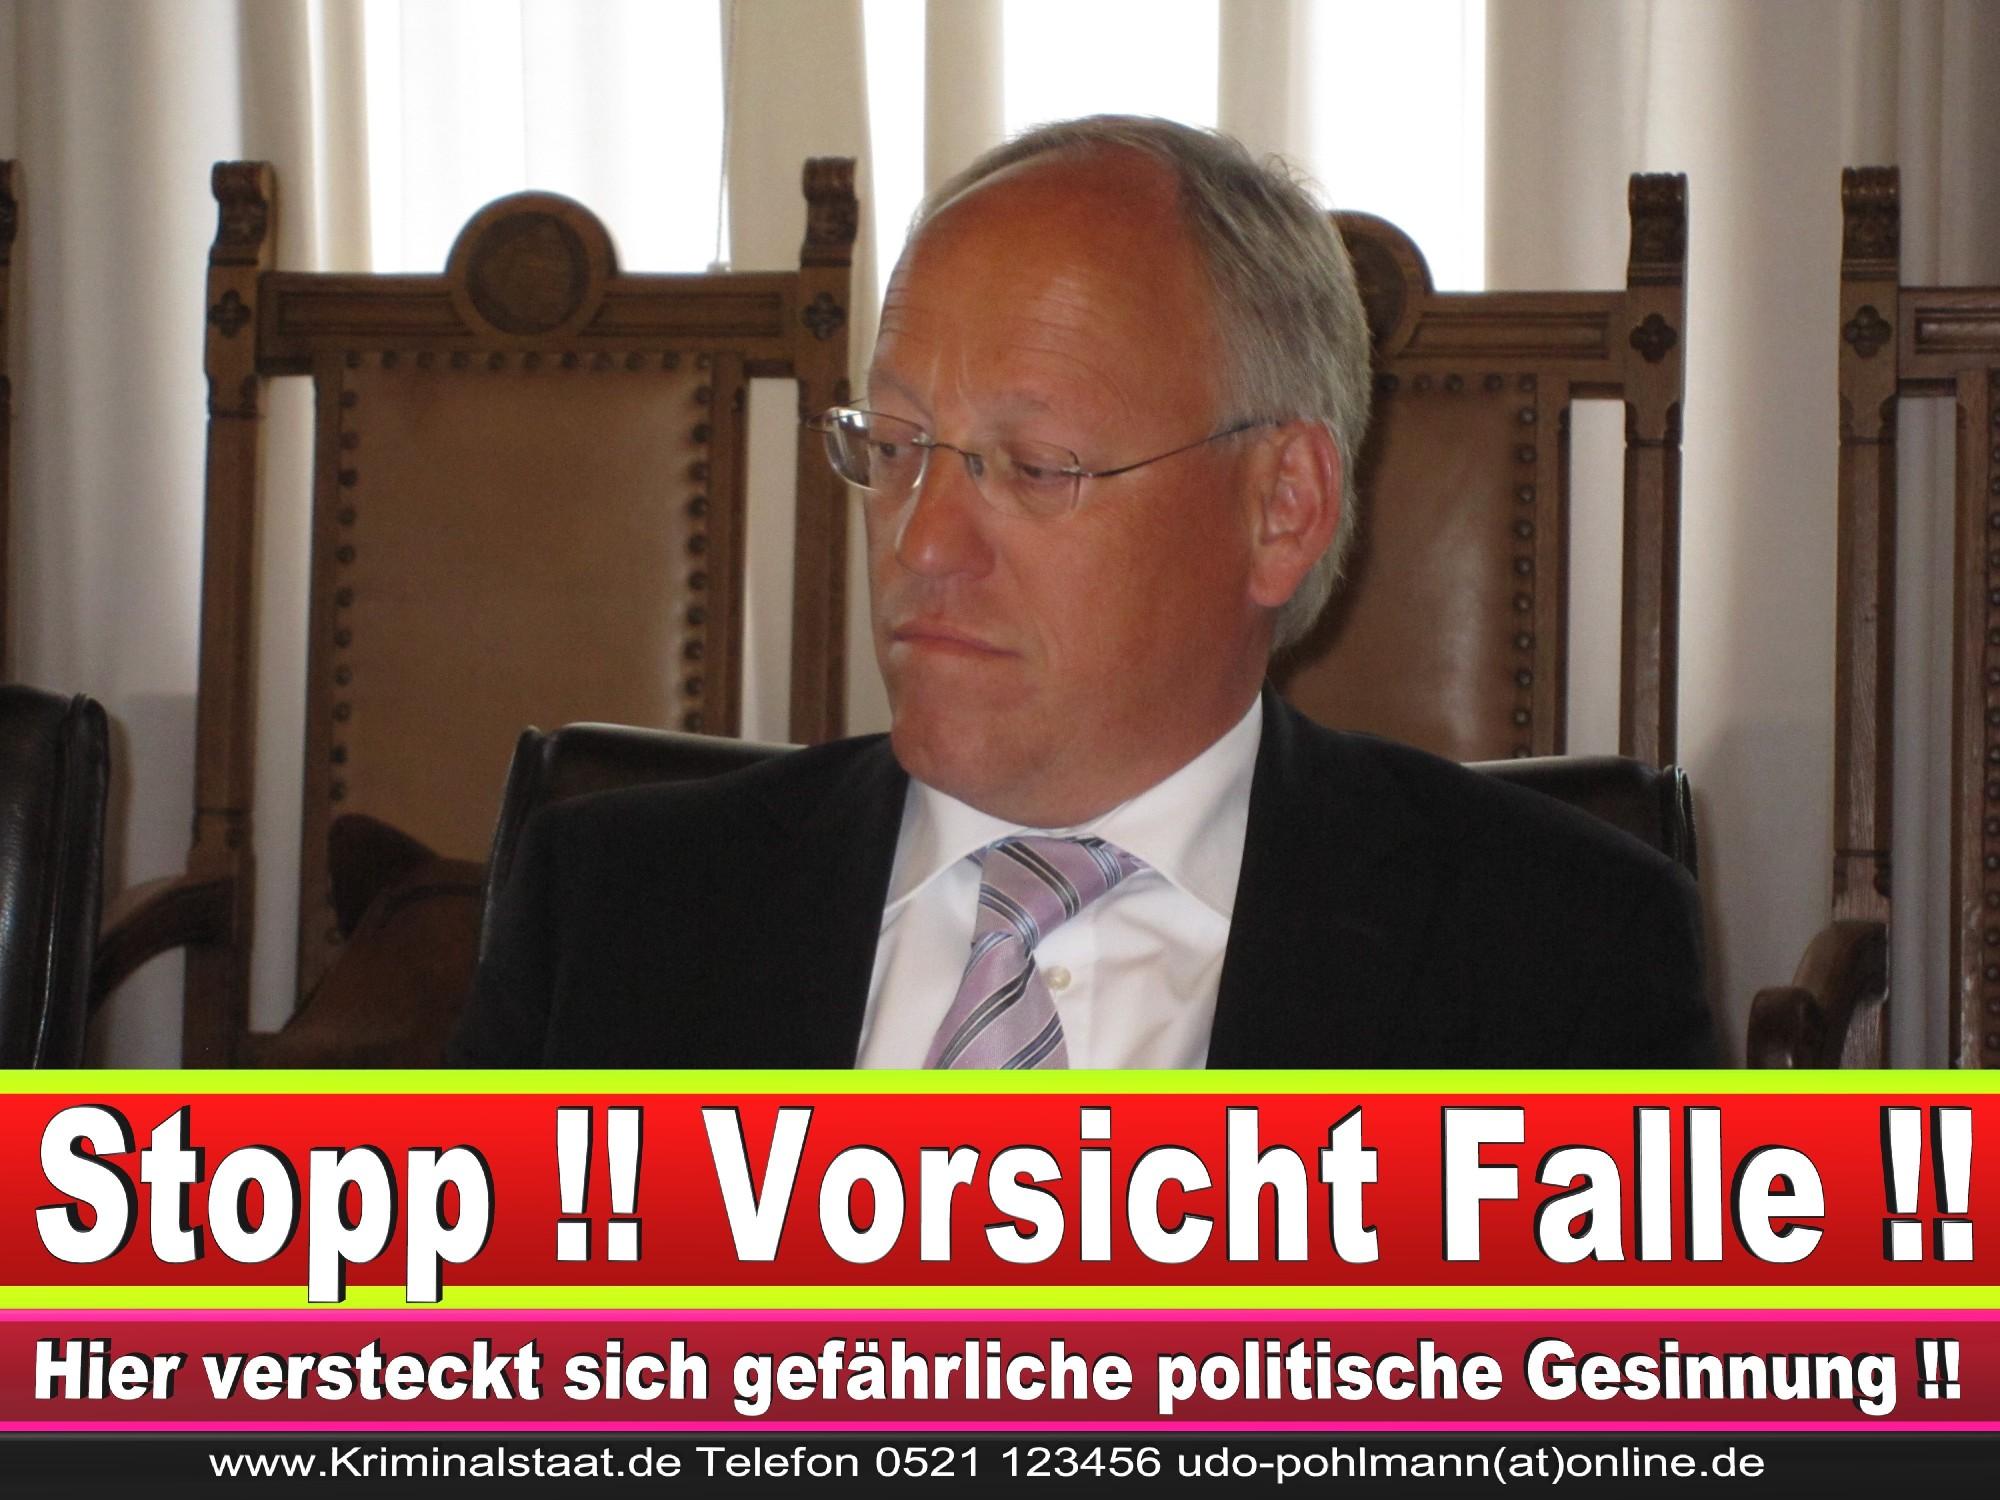 Polizeipräsident Erwin Südfeld Bielefeld Oberbürgermeister Bürgermeister Peter Clausen Pit Clausen Bielefeld 25